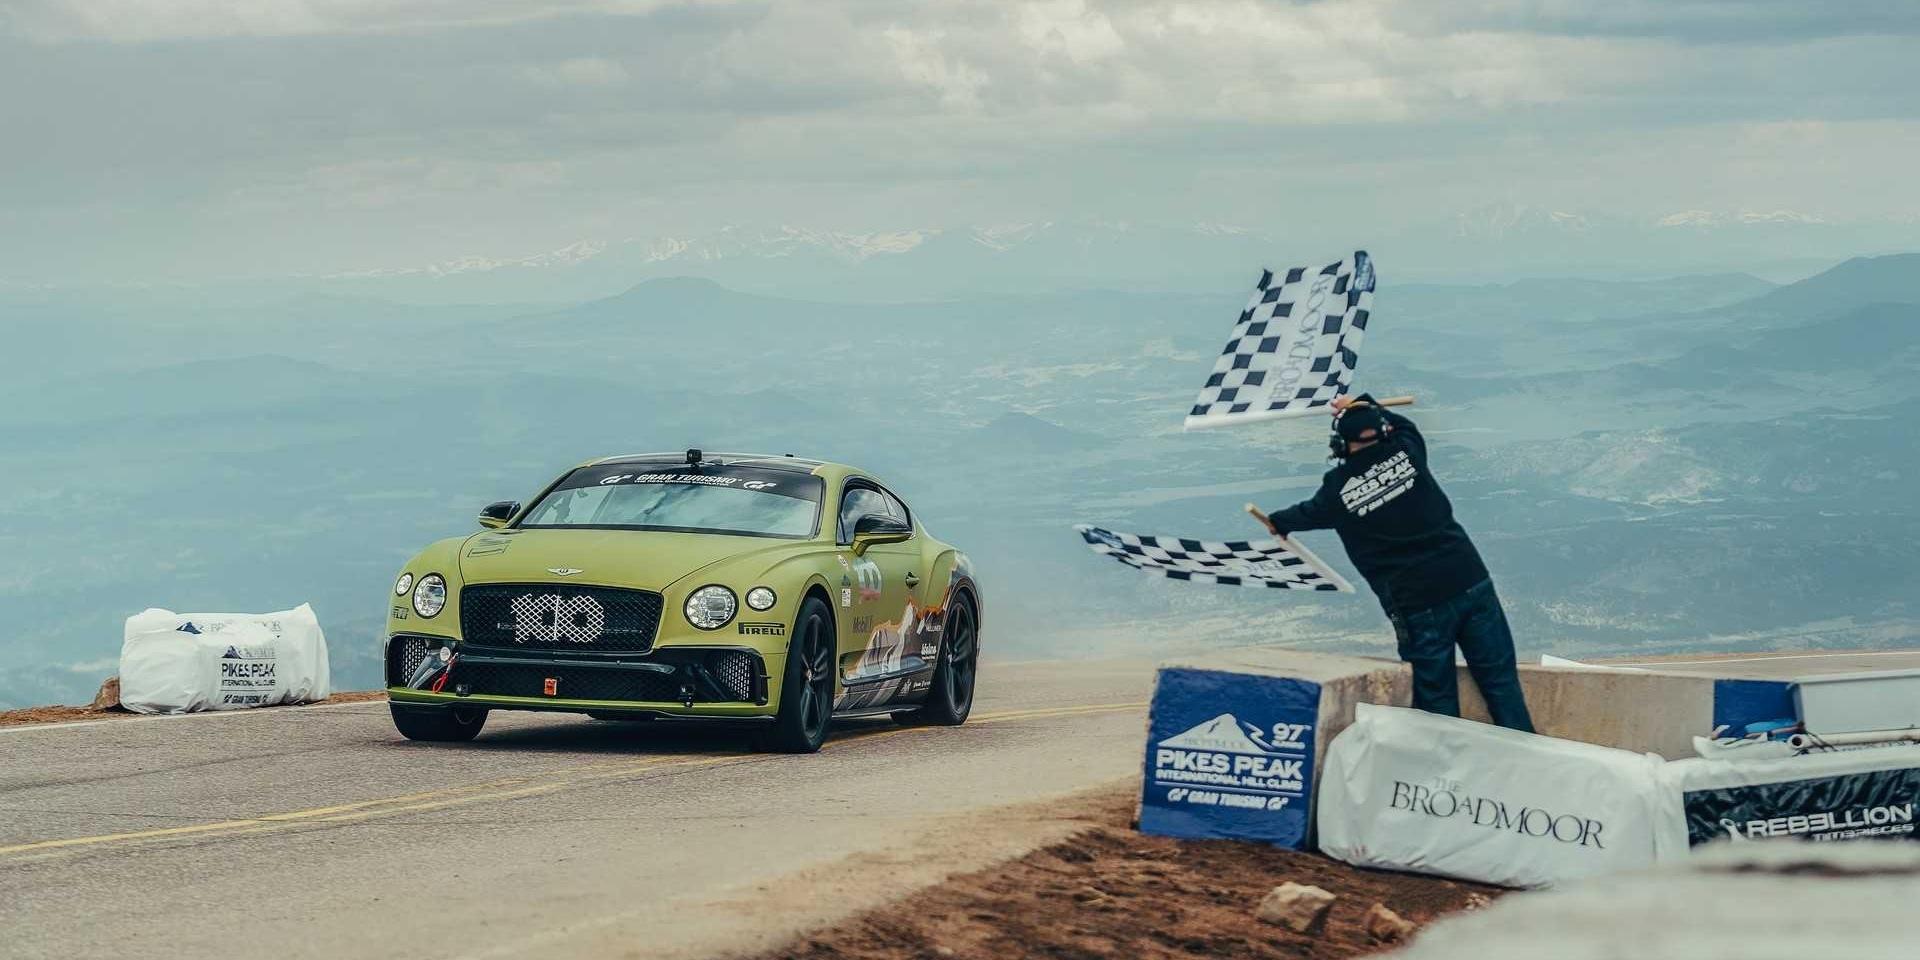 派克峰最速量產車破紀錄!Bentley Continental GT拿下!